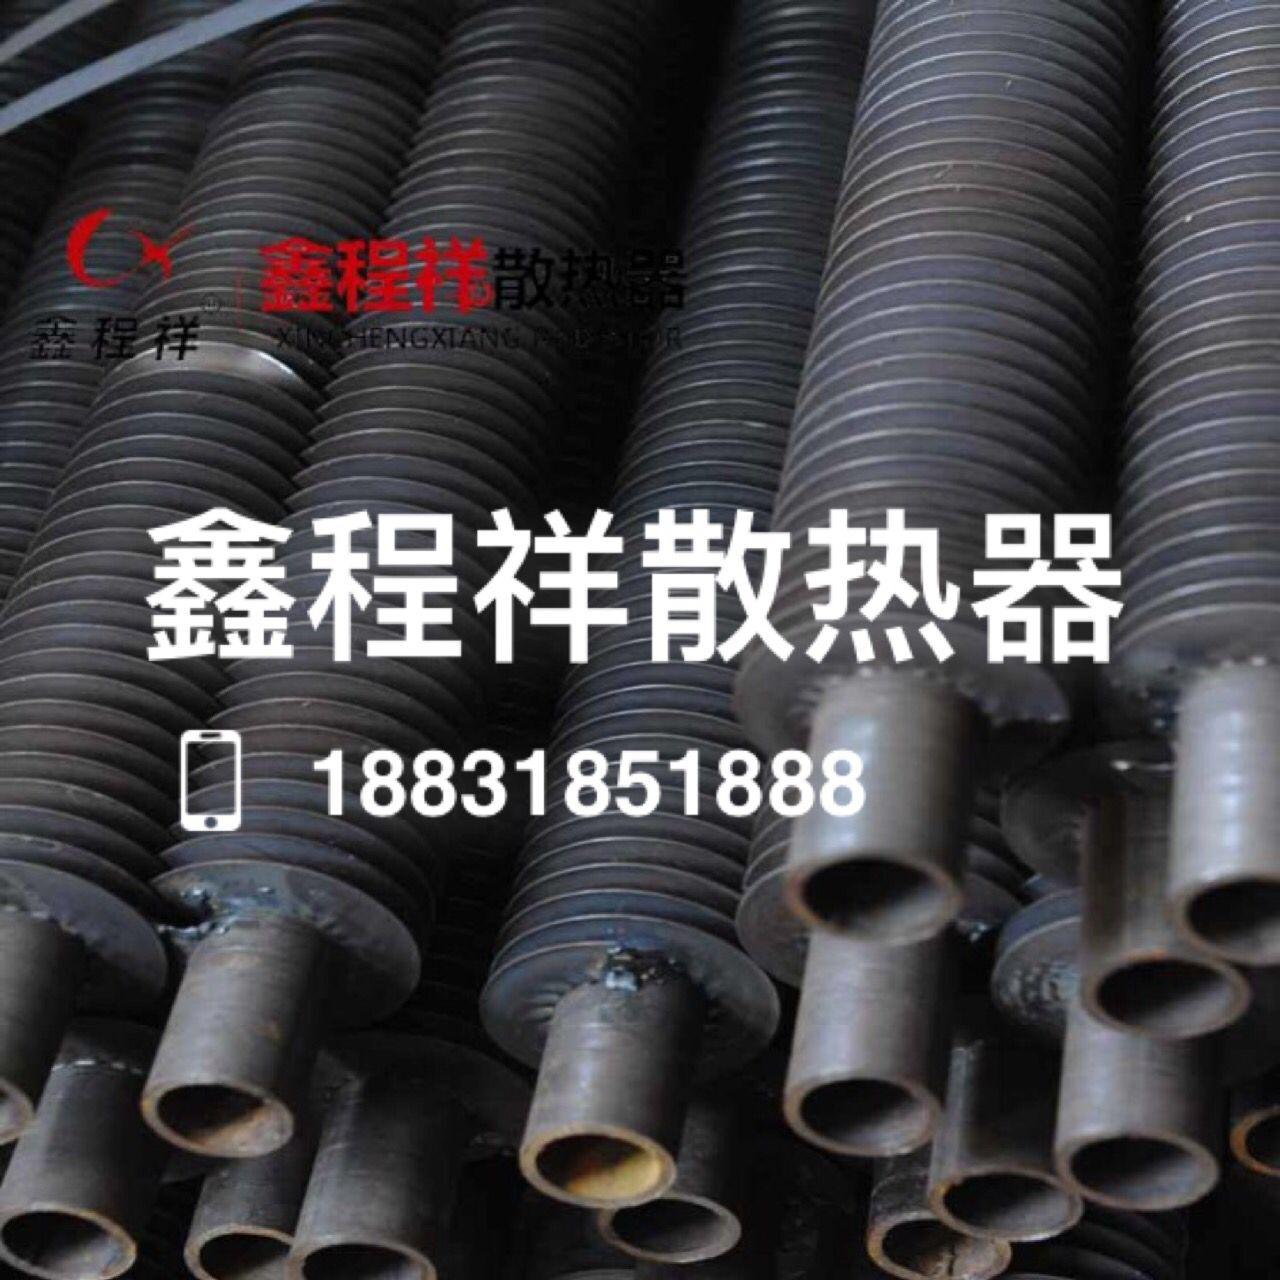 鑫程祥高频焊翅片管  钢制高频焊螺旋翅片管加工定做